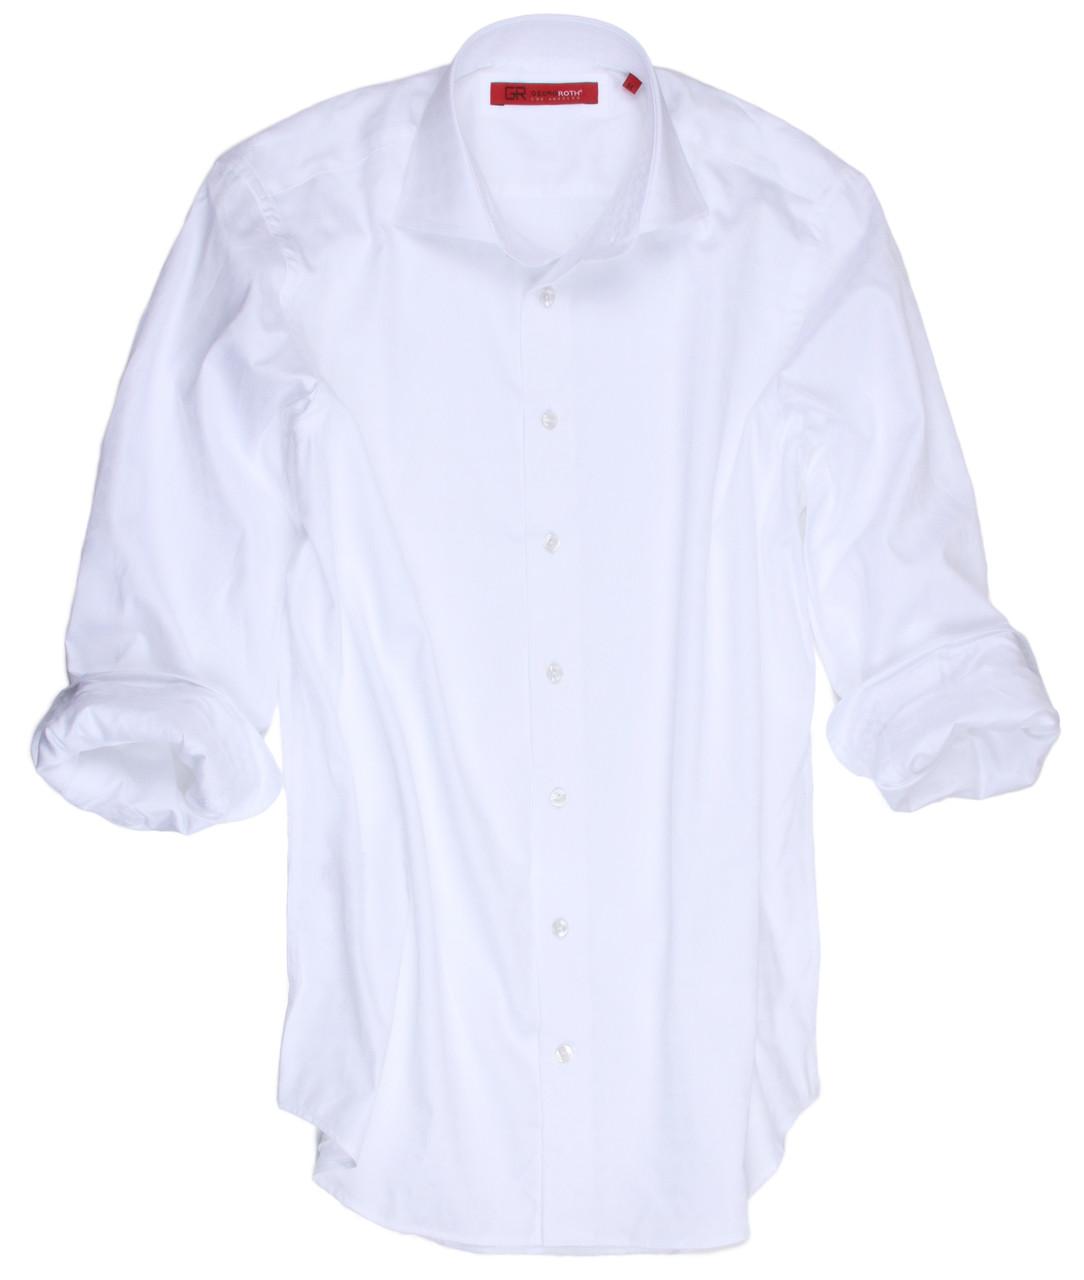 Georg Roth 40057 020 Long Sleeves